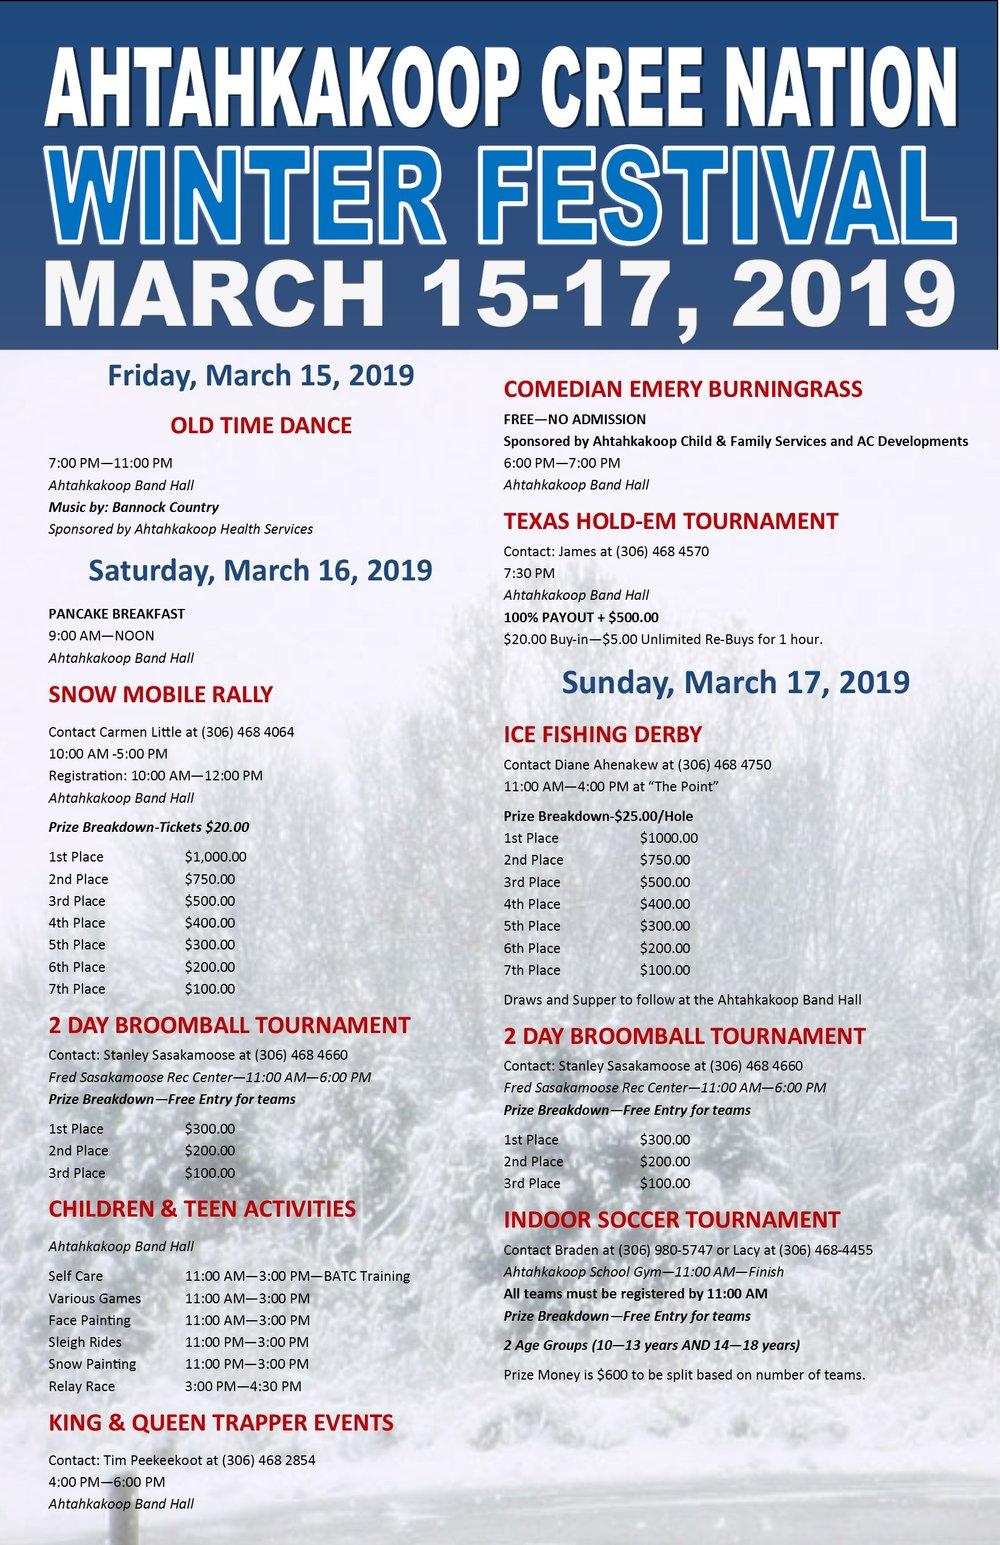 2019 Winter Festival Poster.jpg